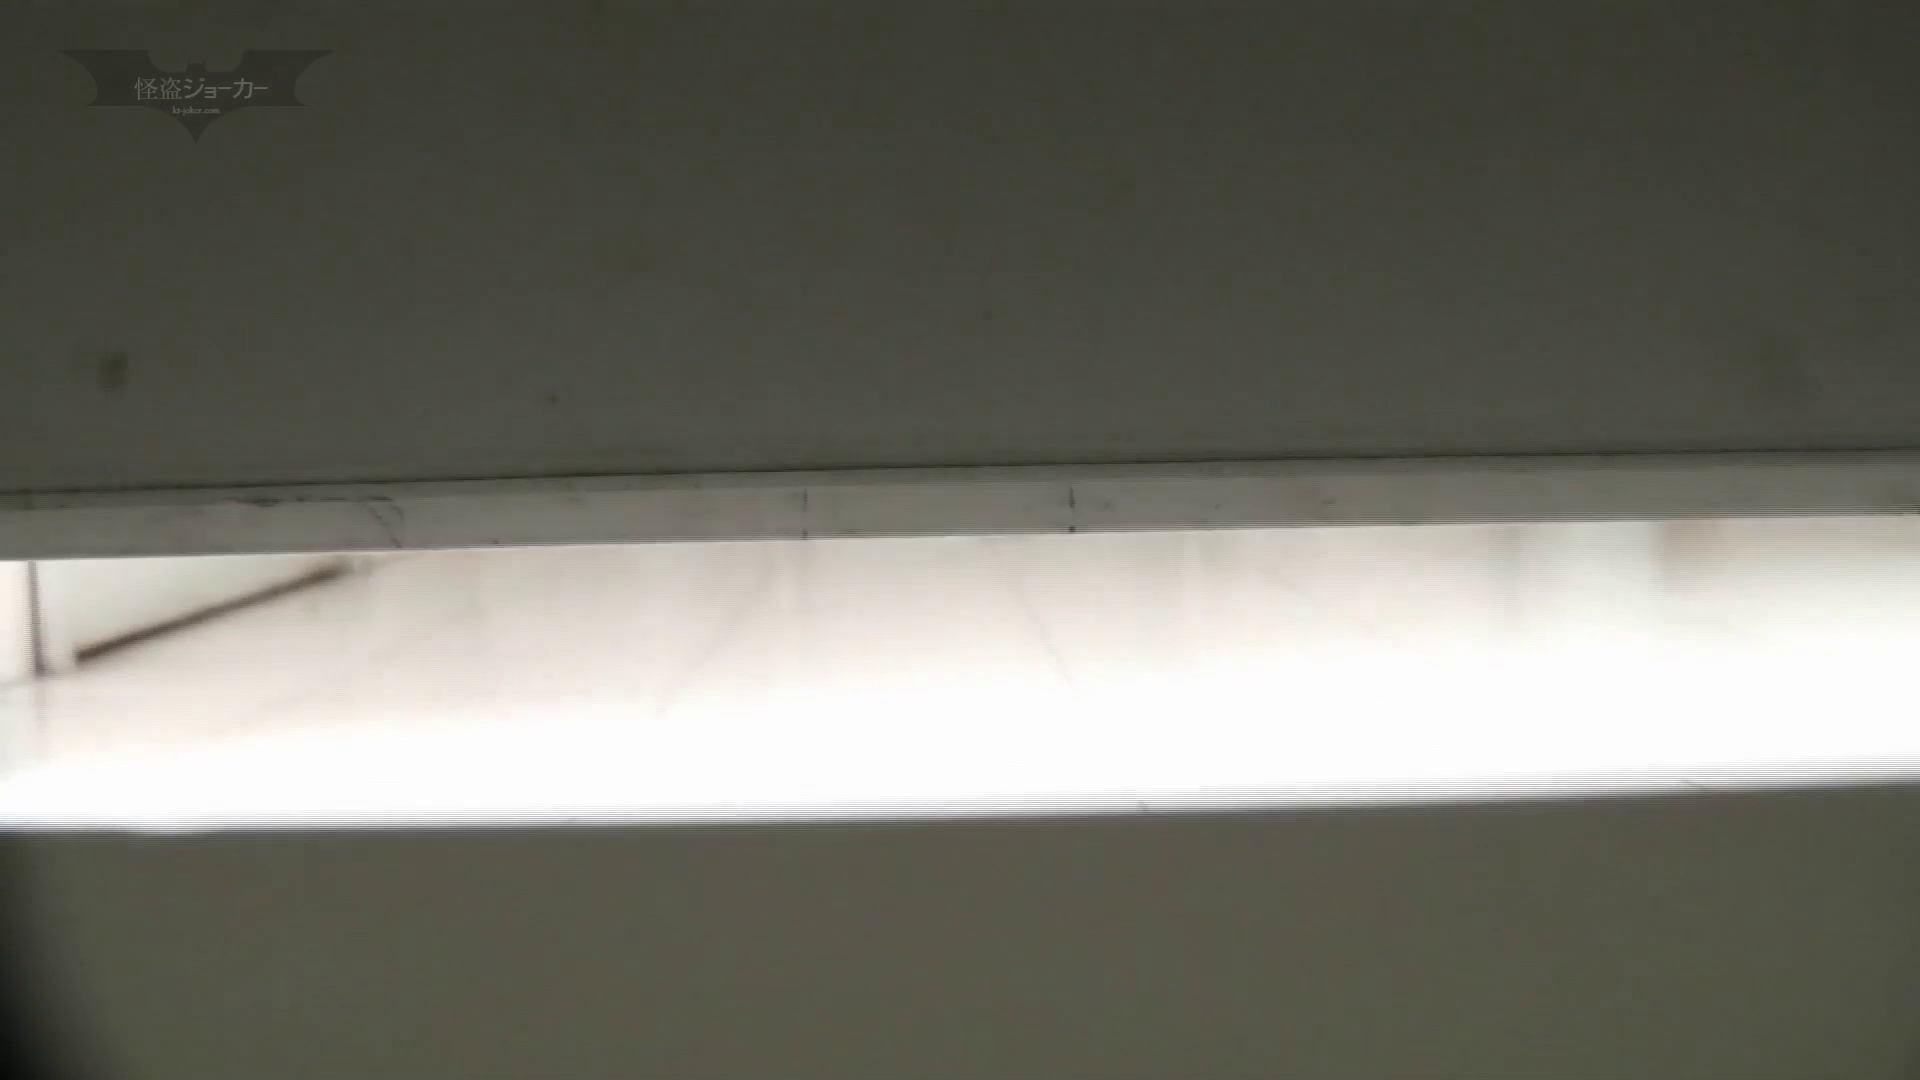 潜入!!台湾名門女学院 Vol.10 進化 洗面所のぞき おまんこ動画流出 89枚 68